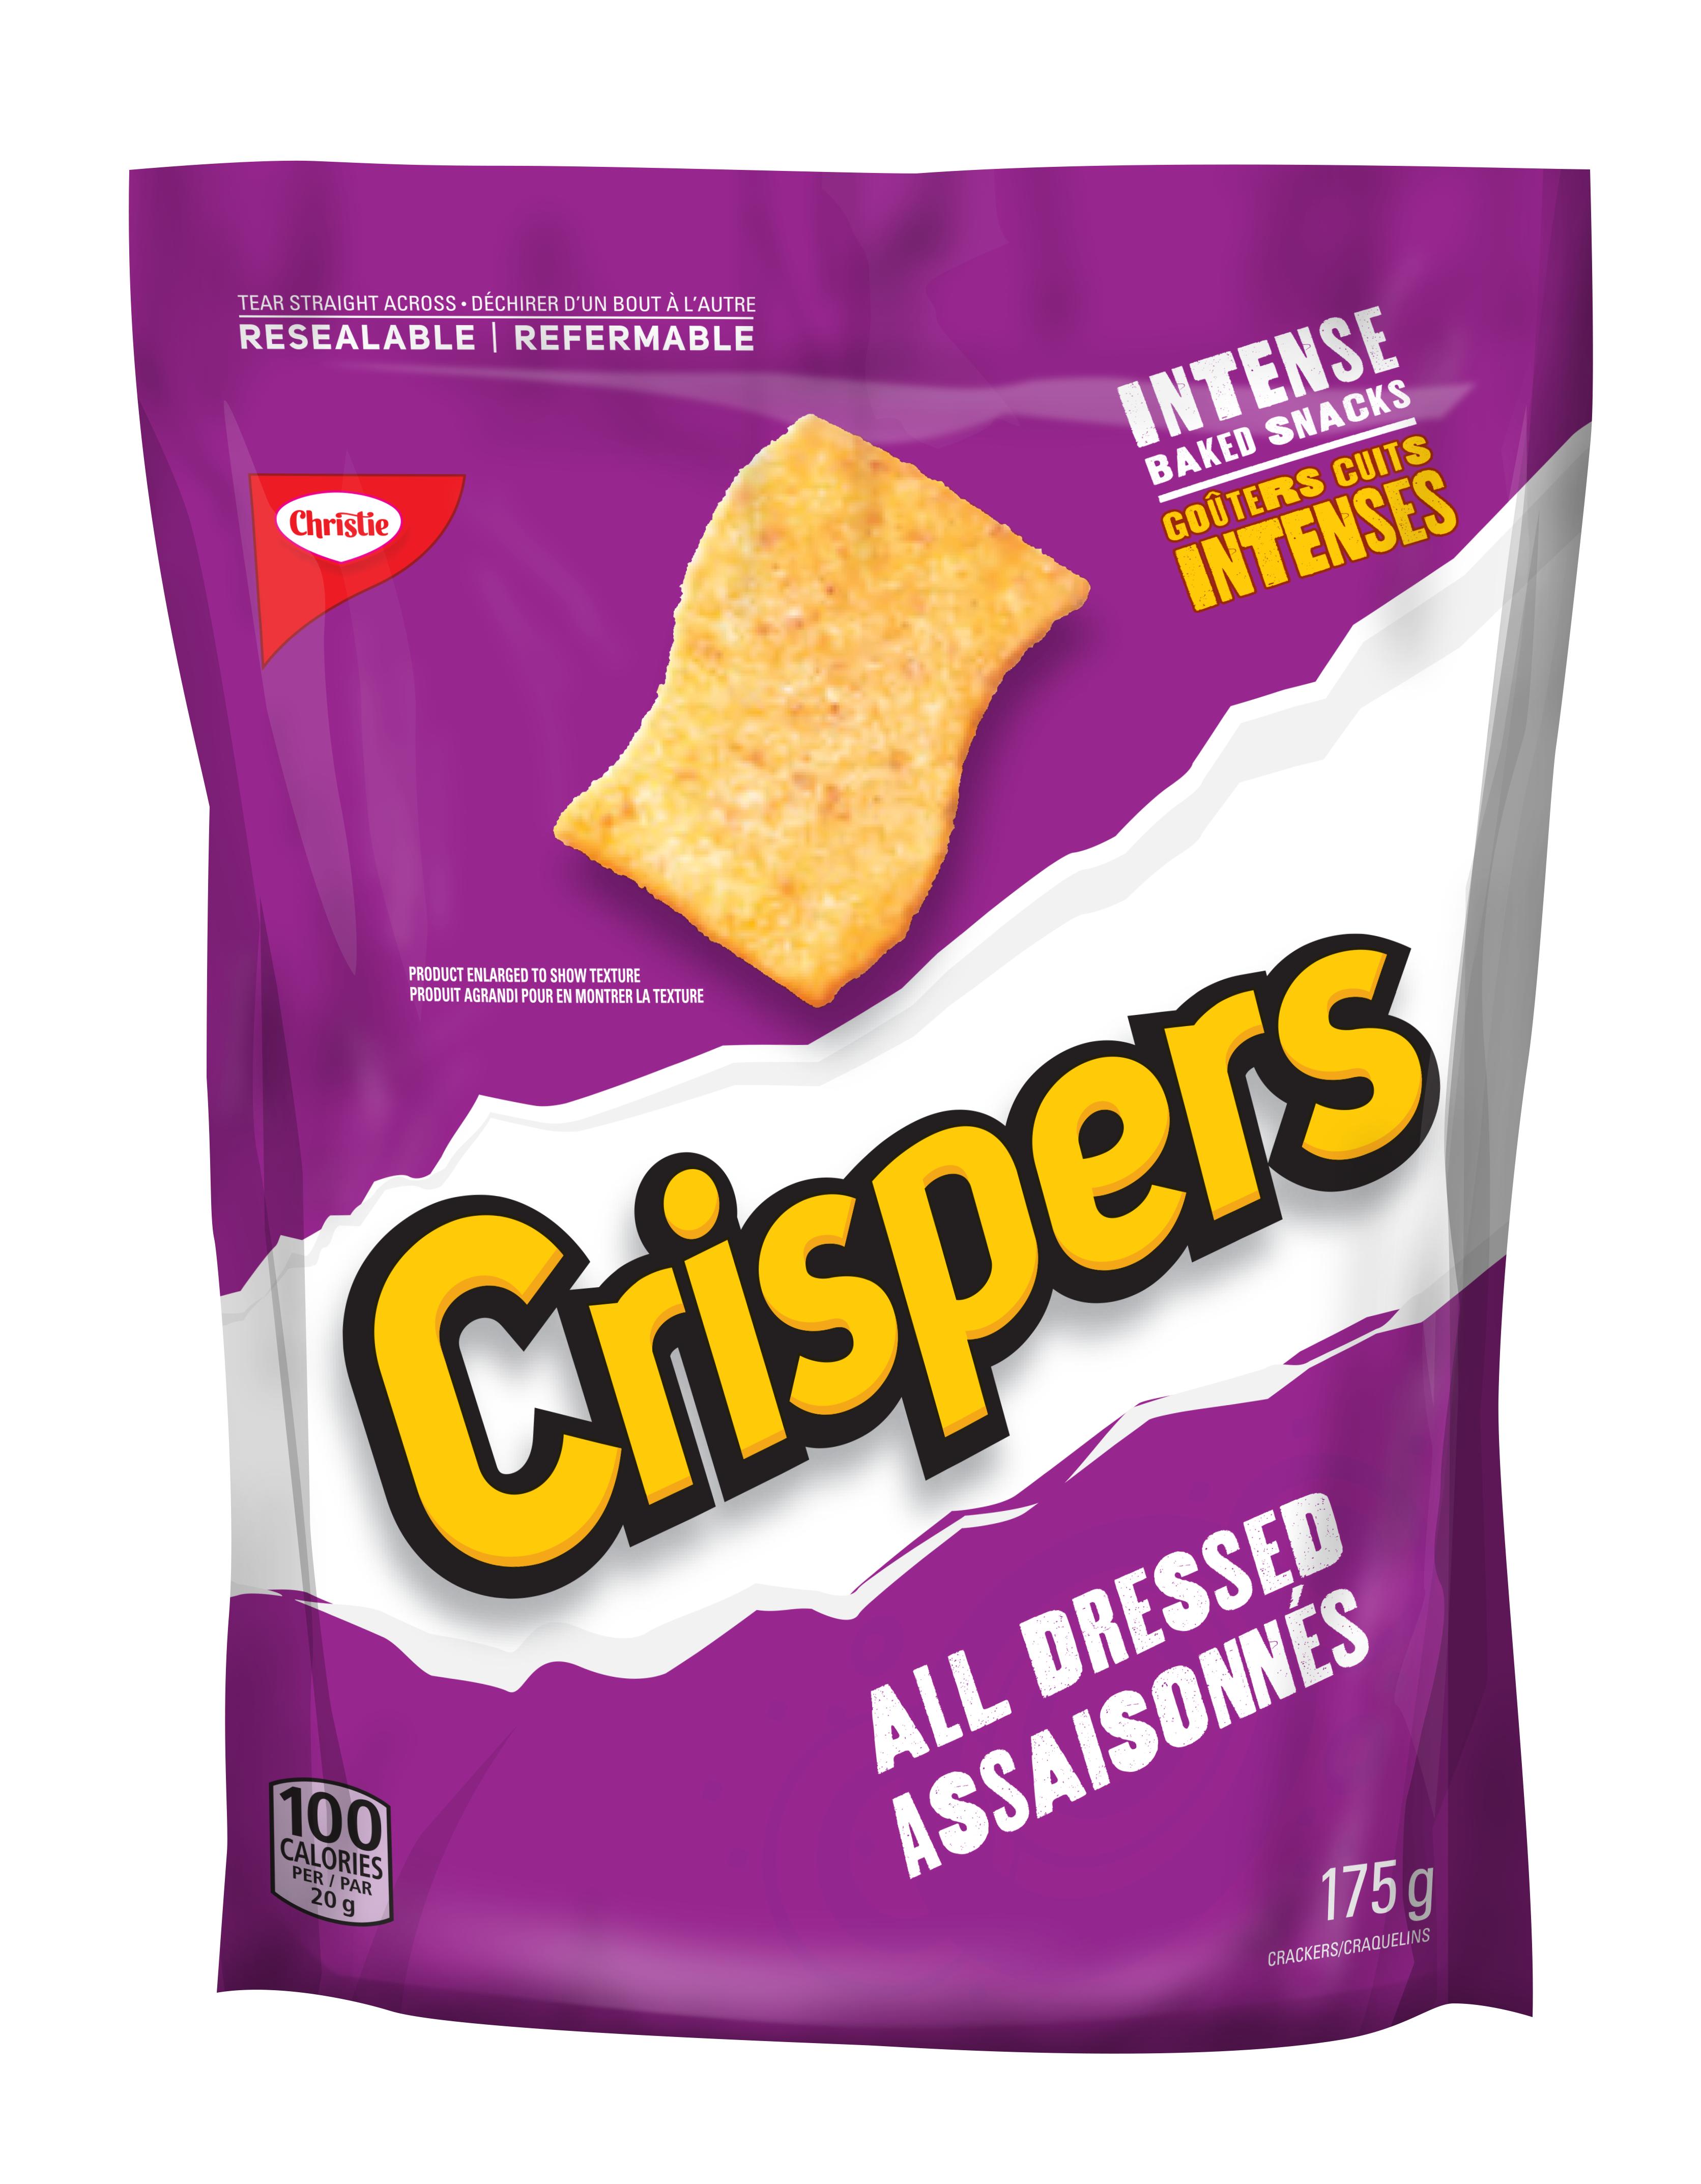 CRISPERS  ASSAISONNÉS 175 GR